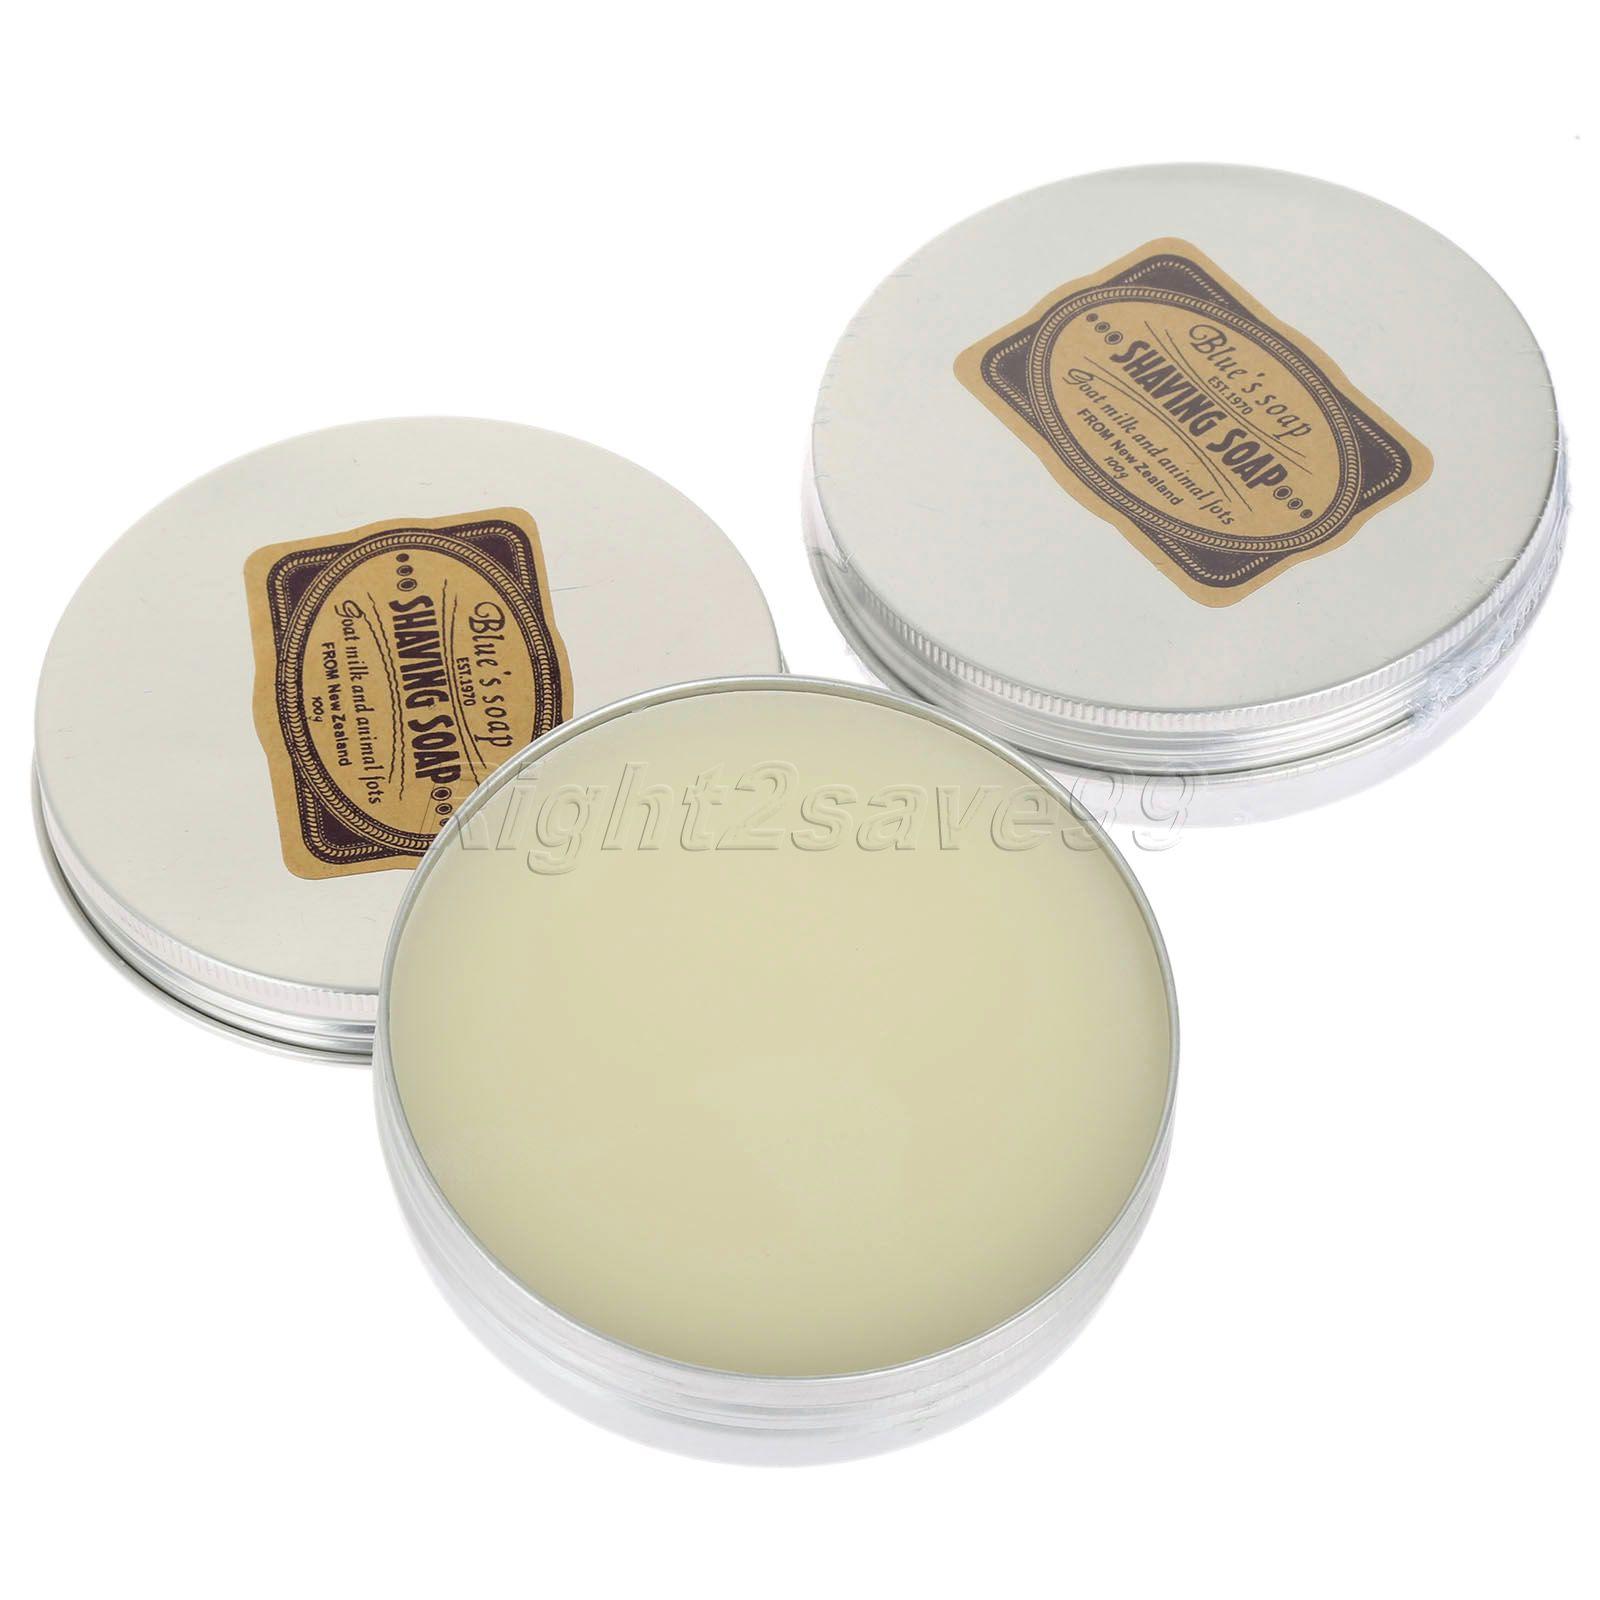 1pc Mens Rakning get mjölk tvål i fall 83mm Round Large Barber Rakning Tool Rakning Tvål Rakning Rakning Tool Produkt